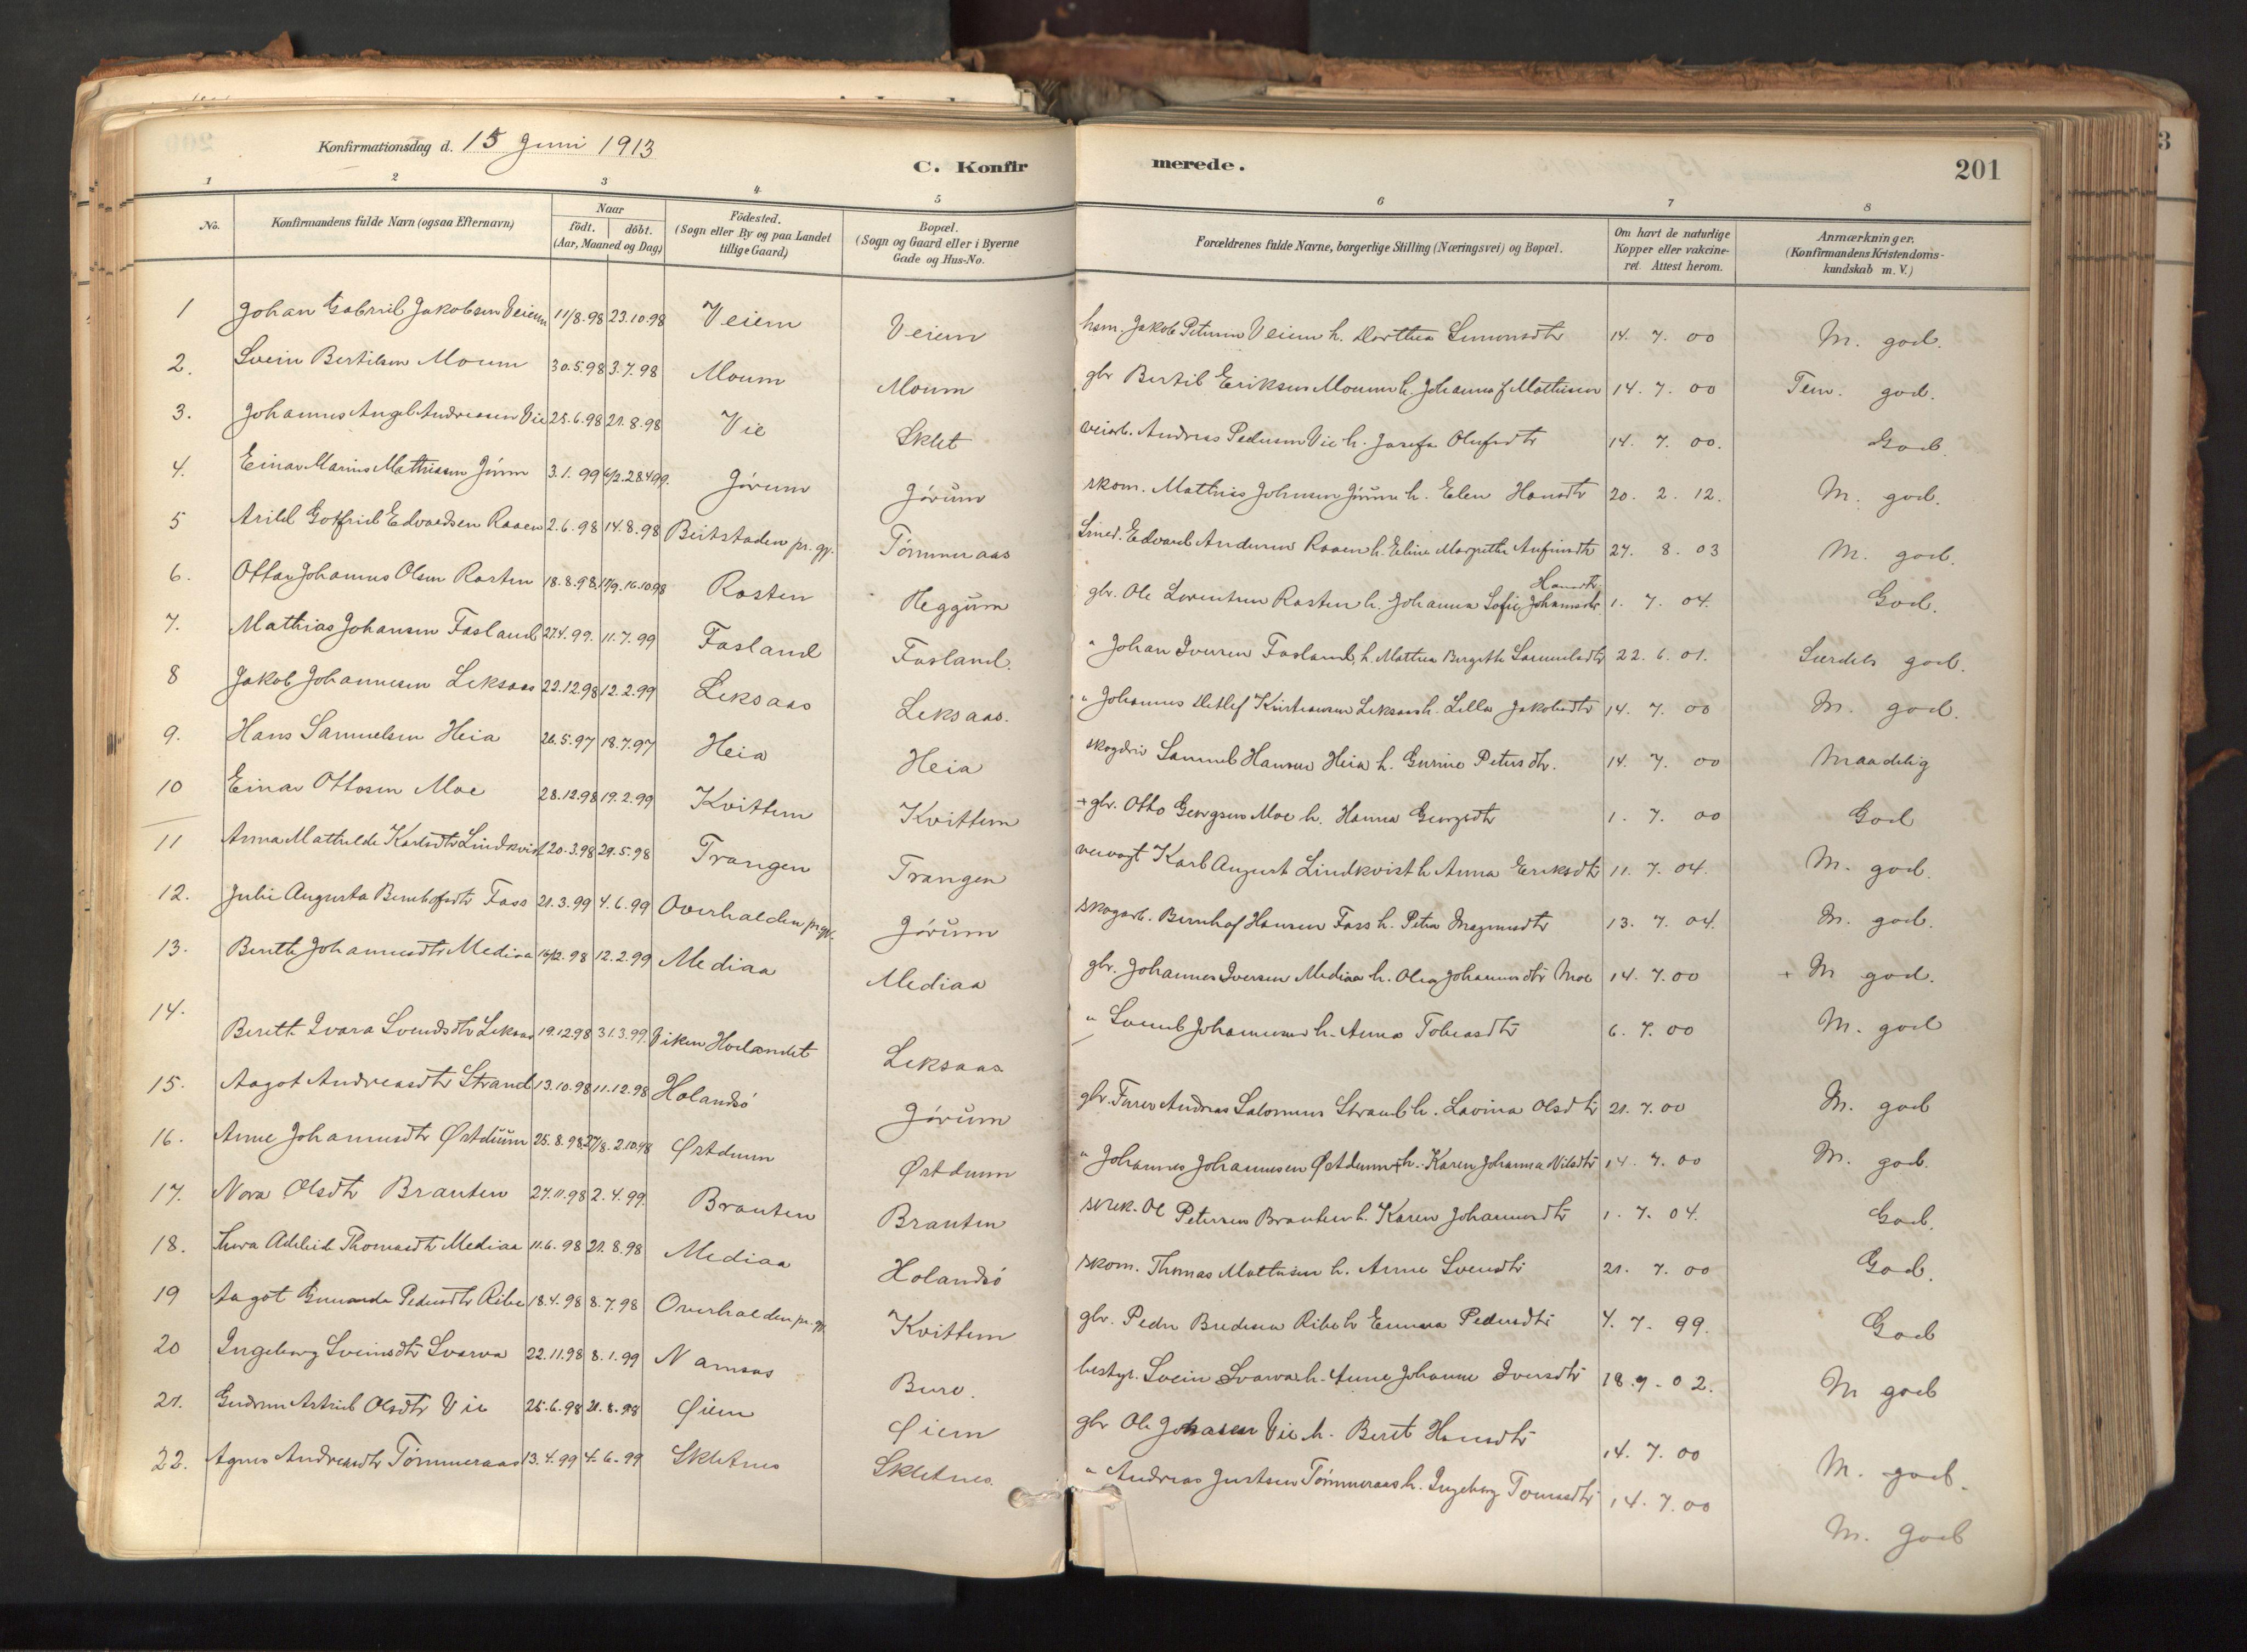 SAT, Ministerialprotokoller, klokkerbøker og fødselsregistre - Nord-Trøndelag, 758/L0519: Ministerialbok nr. 758A04, 1880-1926, s. 201